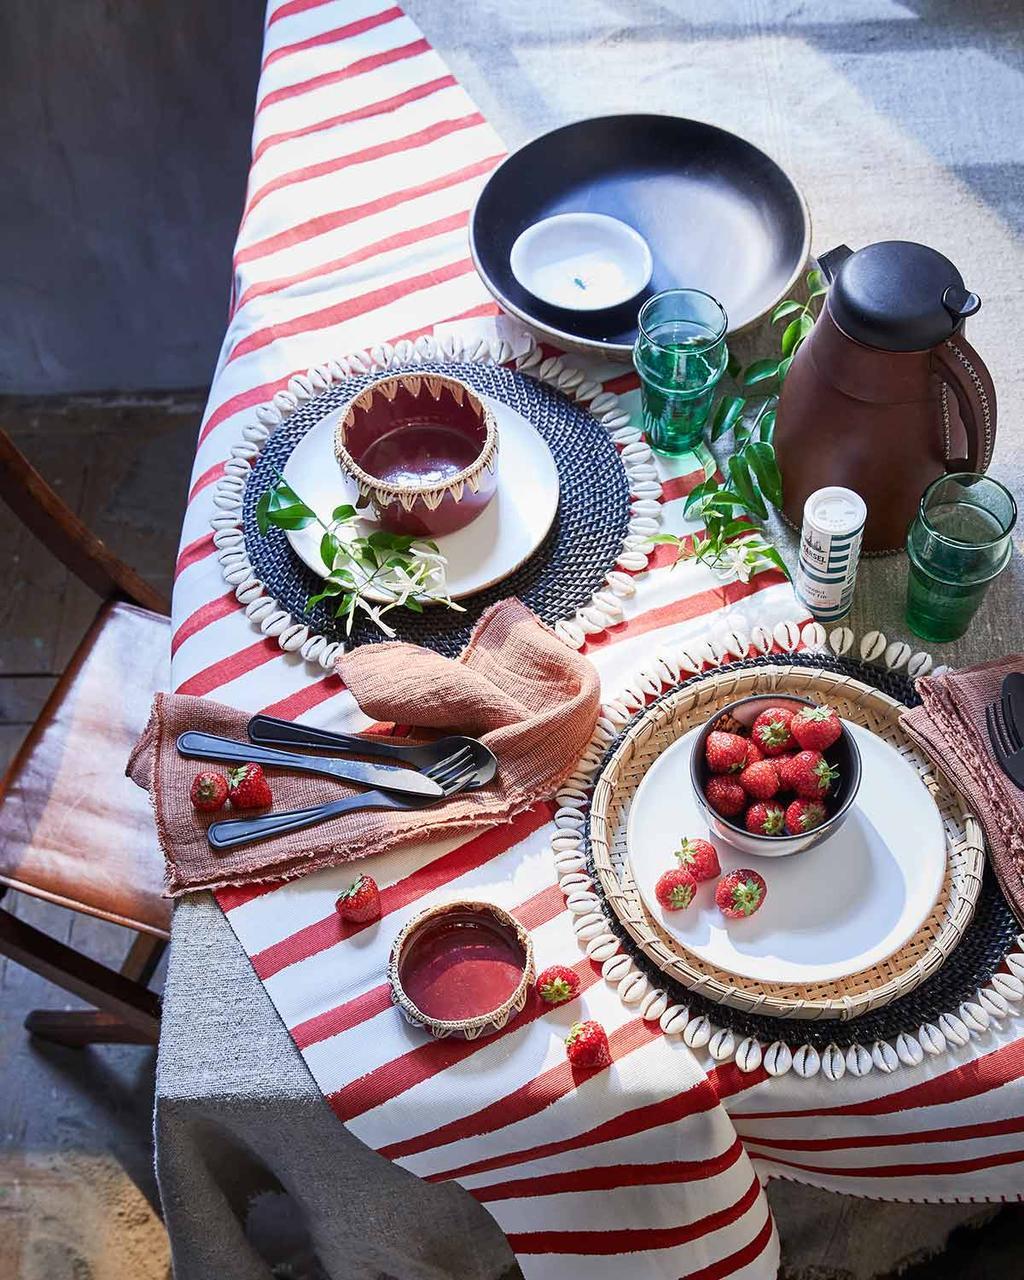 Rood-wit gestreepte loper met zomers servies